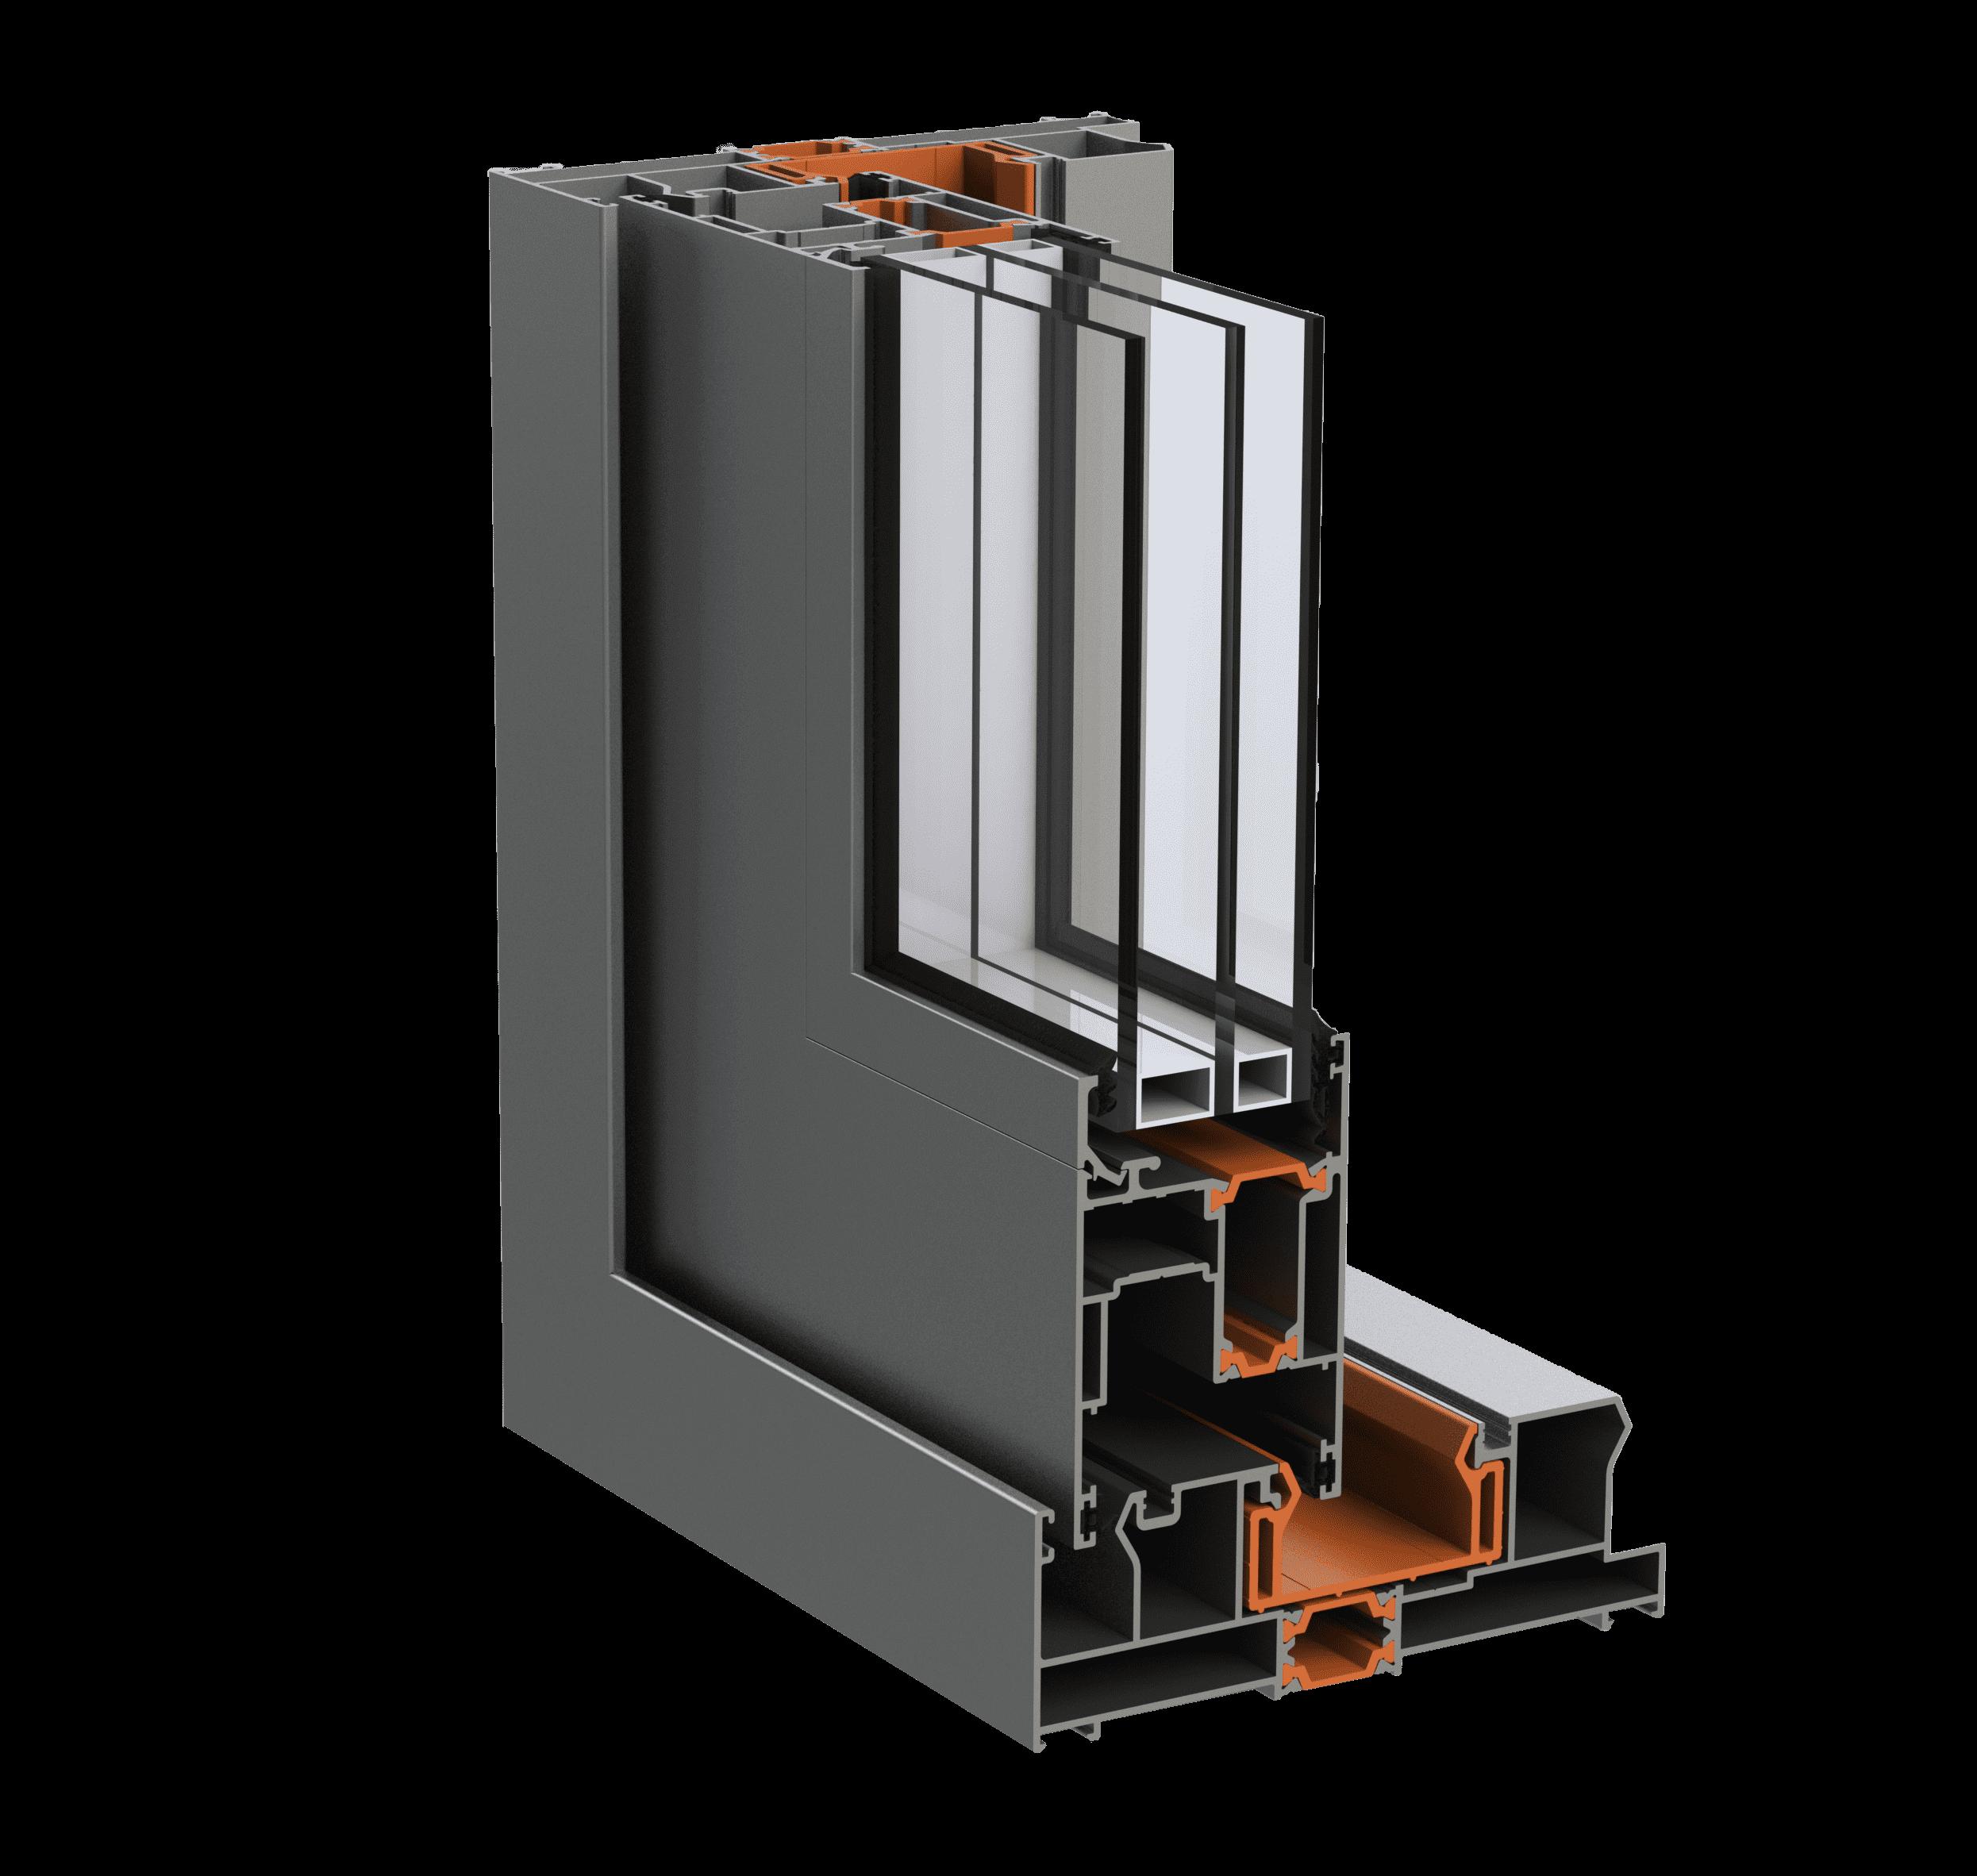 Під'ємно-розсувна алюмінієва система alumil s560 для дилерів EKIPAZH